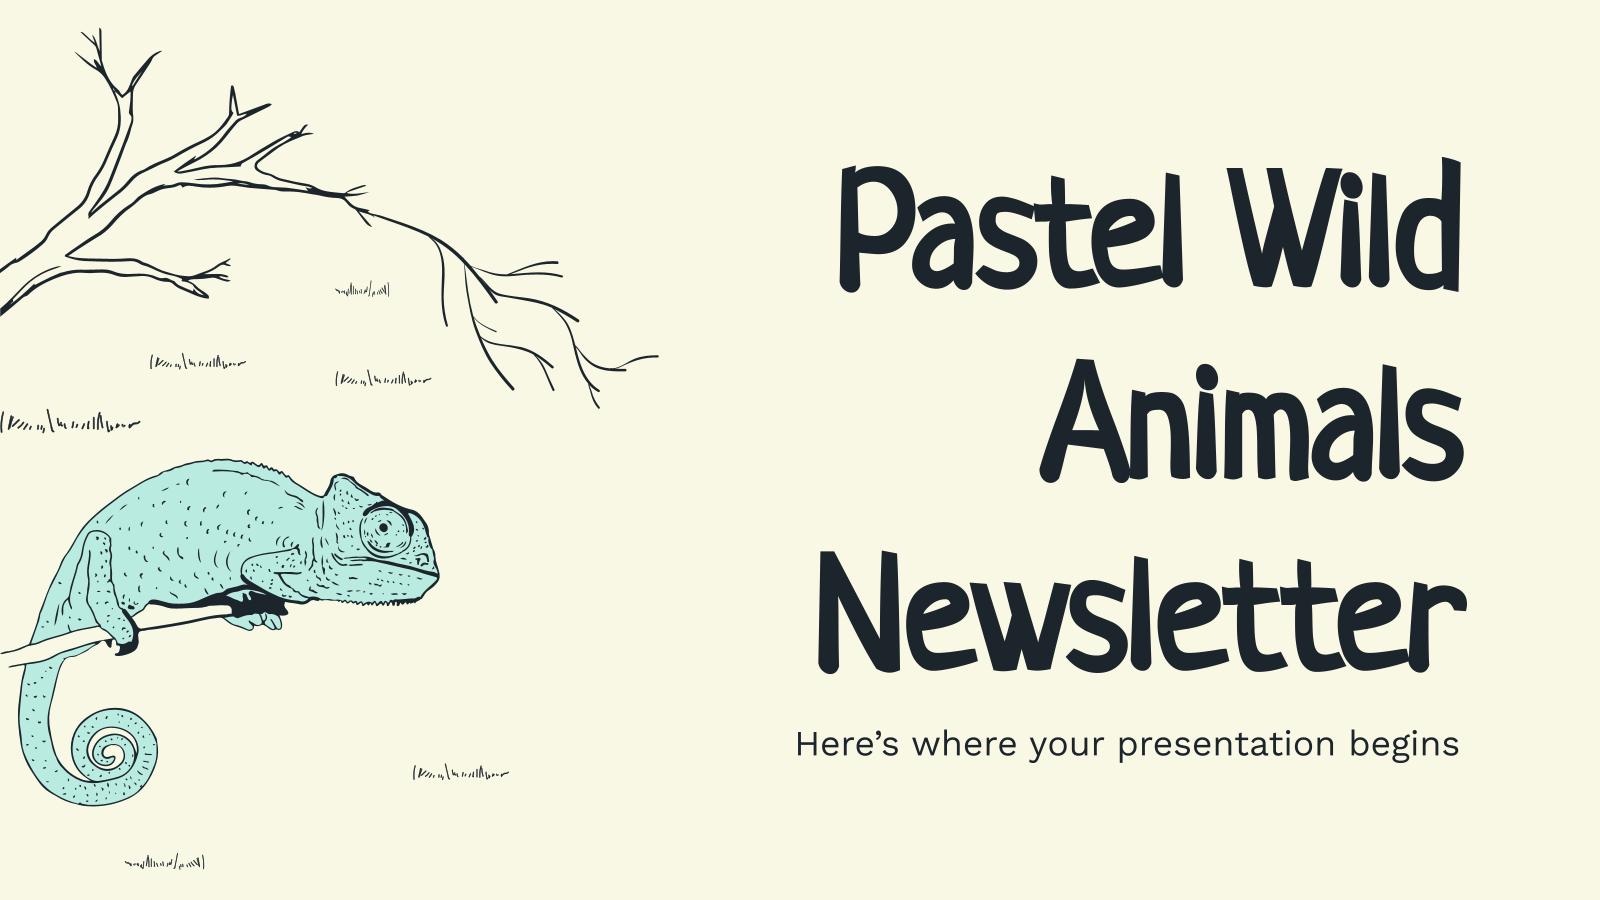 Pastell Wildtiere Newsletter Präsentationsvorlage